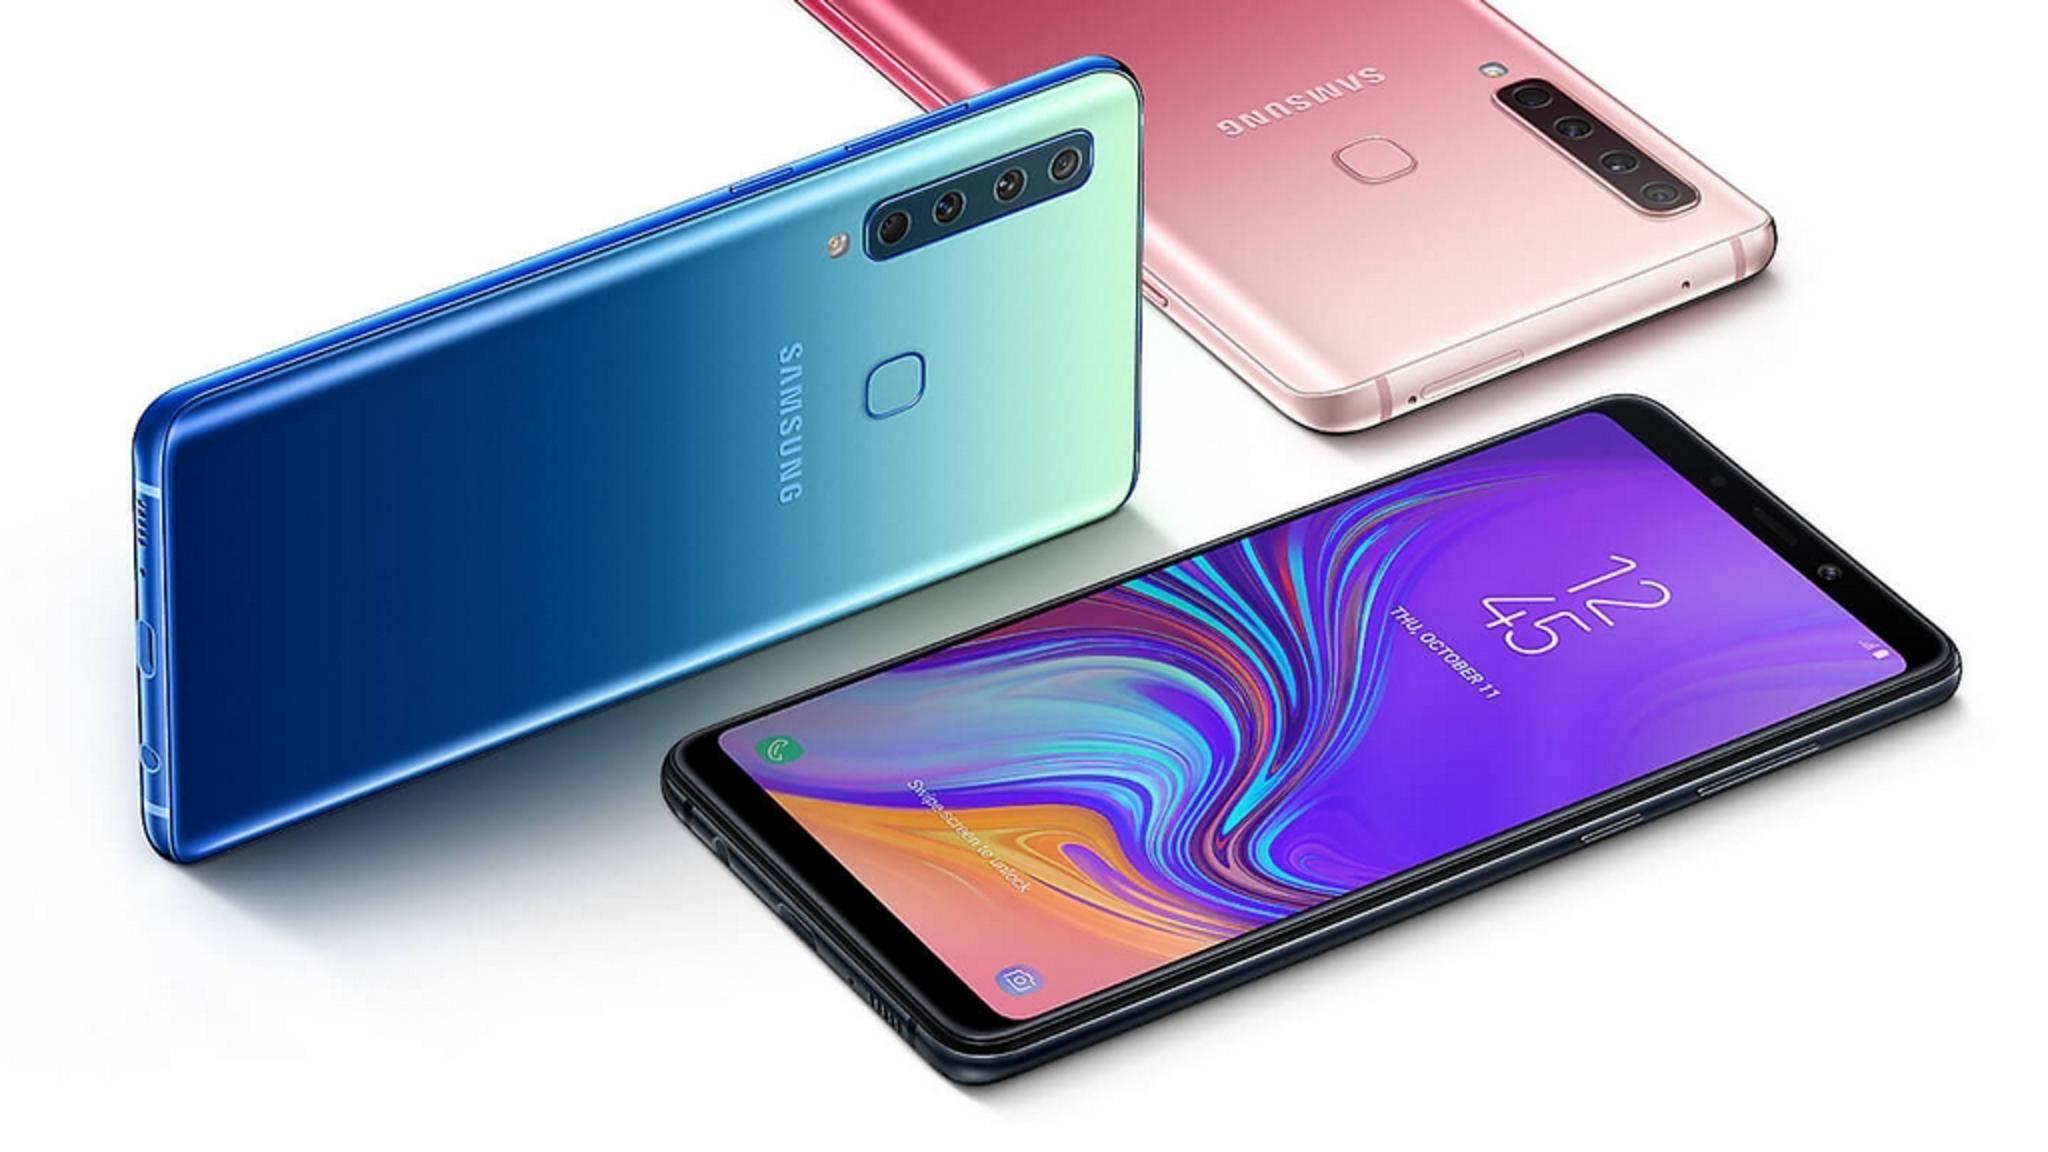 Das Galaxy A9 besitzt bereits eine Vierfachkamera, Huawei will 2019 nachziehen.